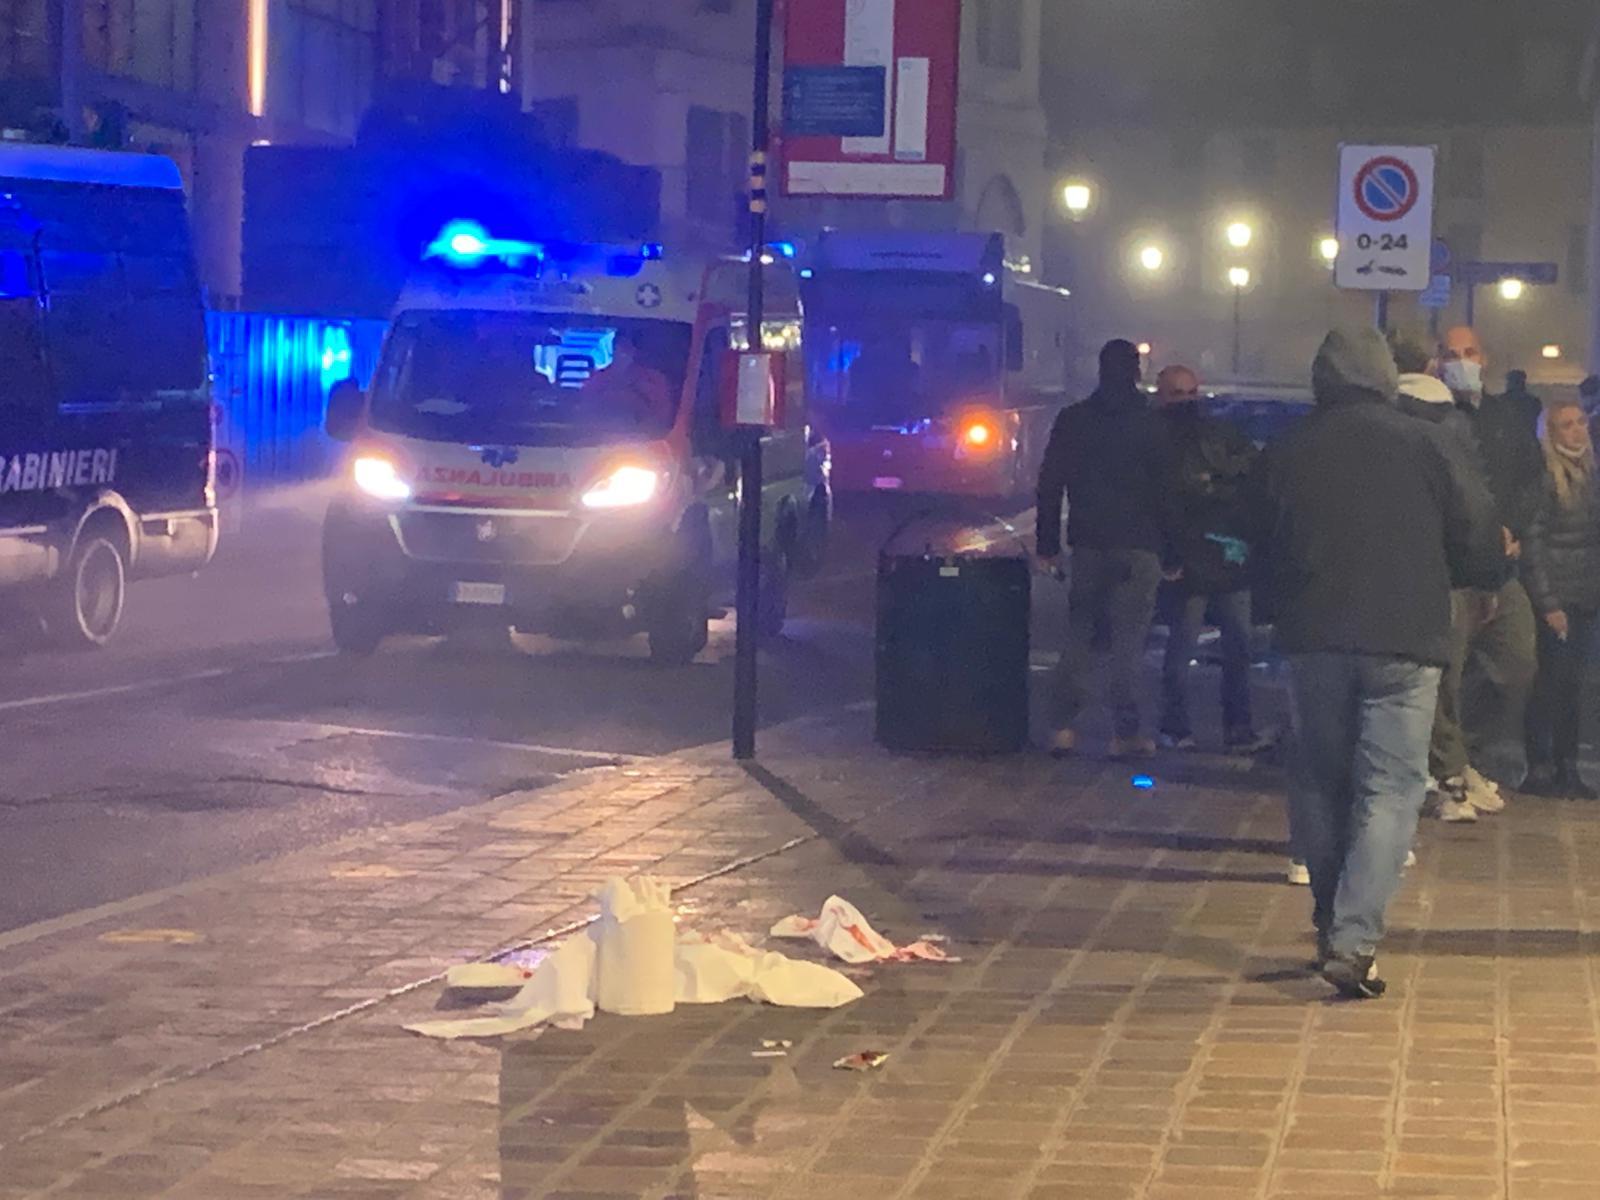 Manifestazione a Brescia, raccoglie una bomba carta lanciata sul marciapiede dove c'erano bambini e gli esplode in mano